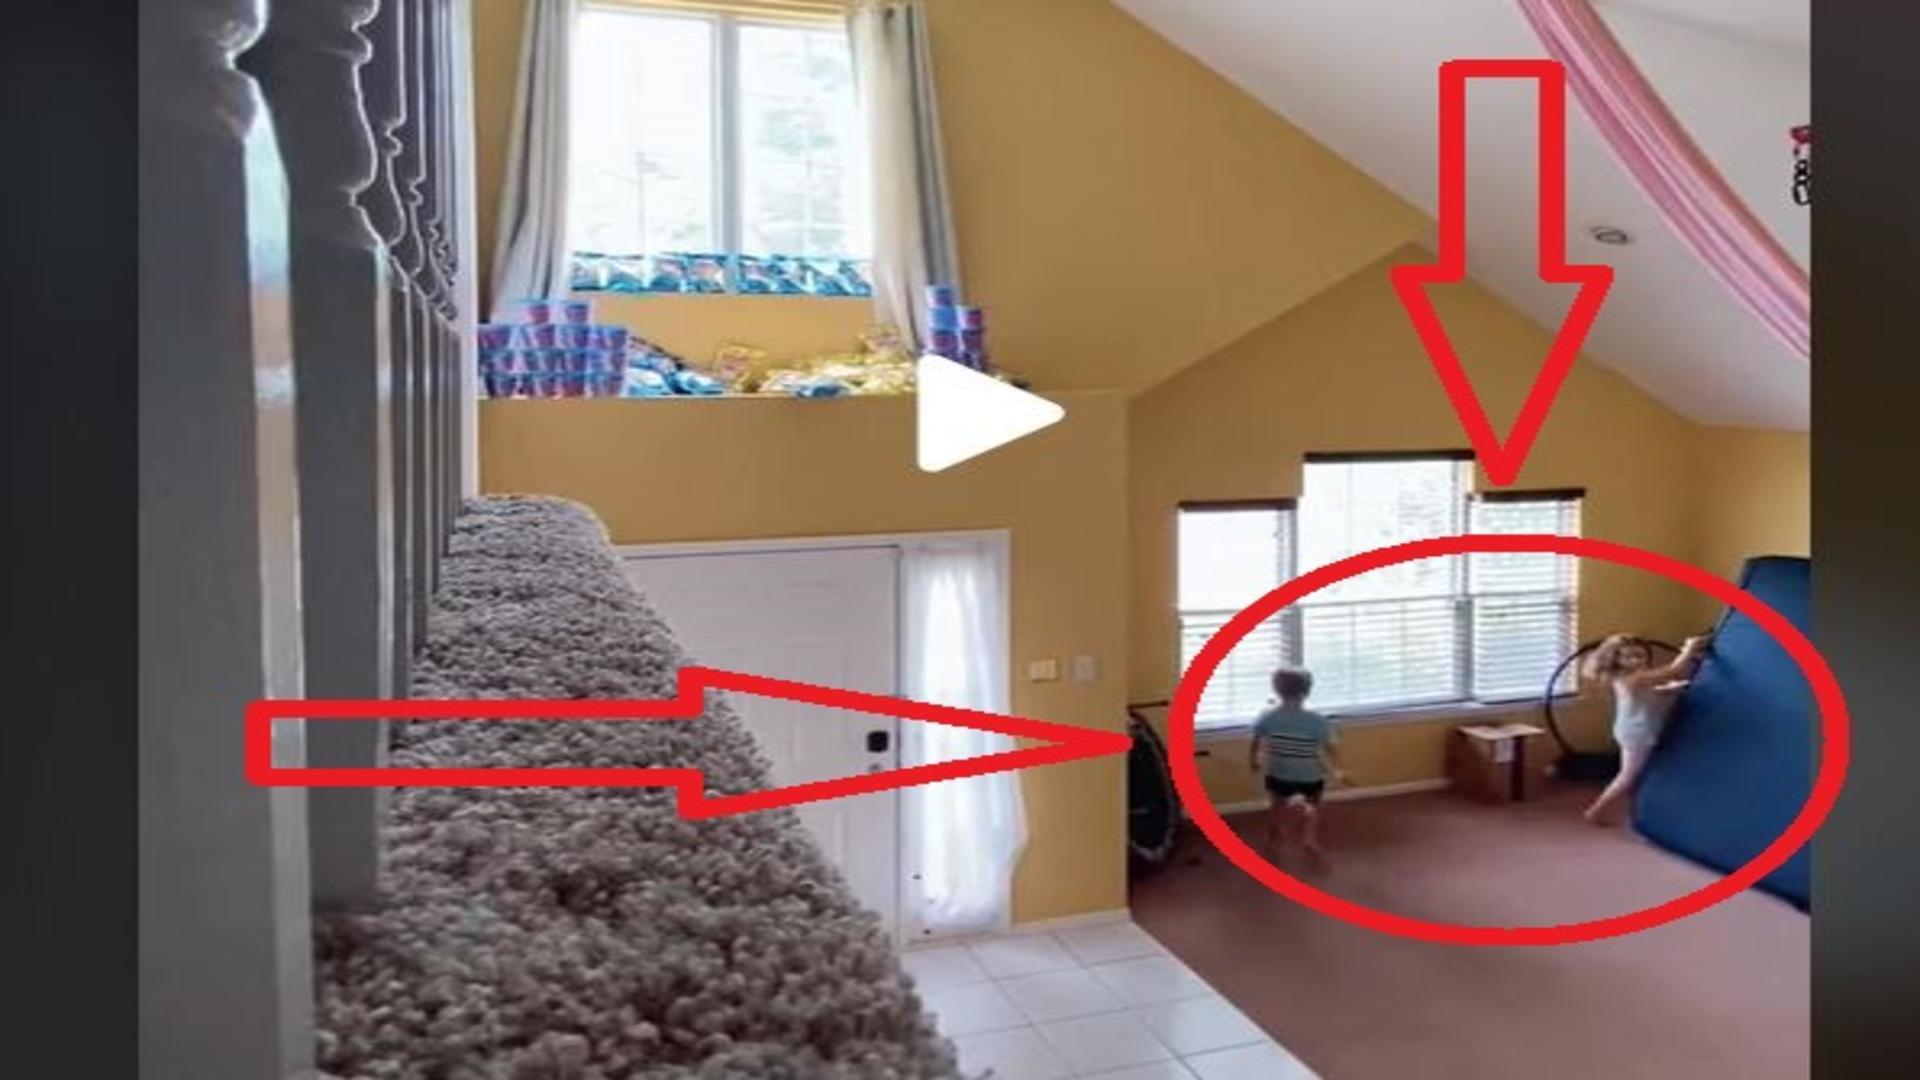 Imagini de pe camerele de supraveghere